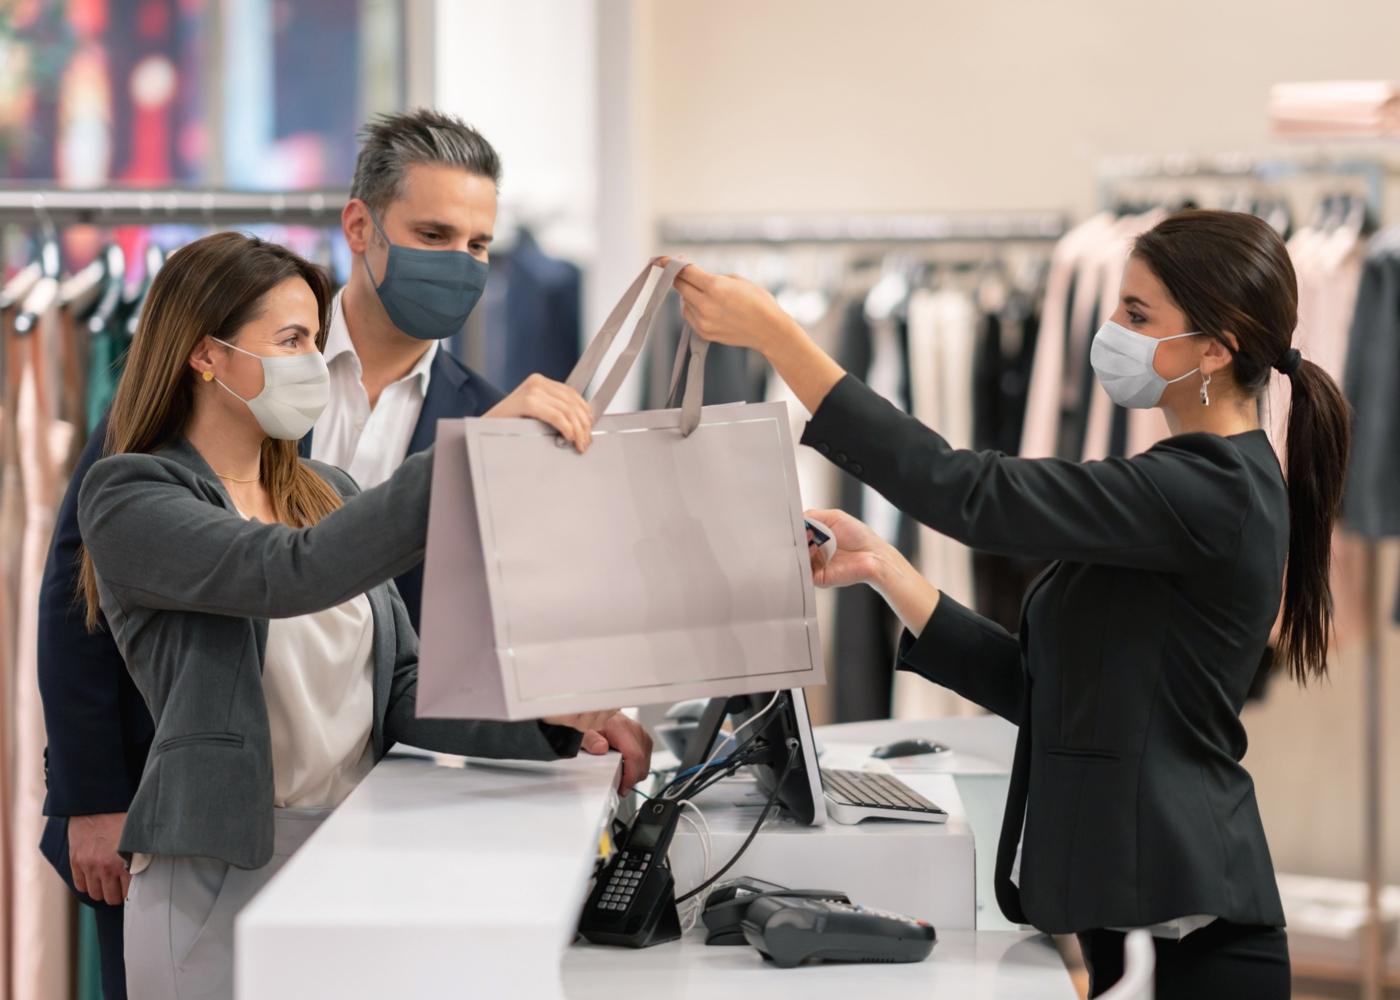 Casal a fazer compras numa loja do centro comercial